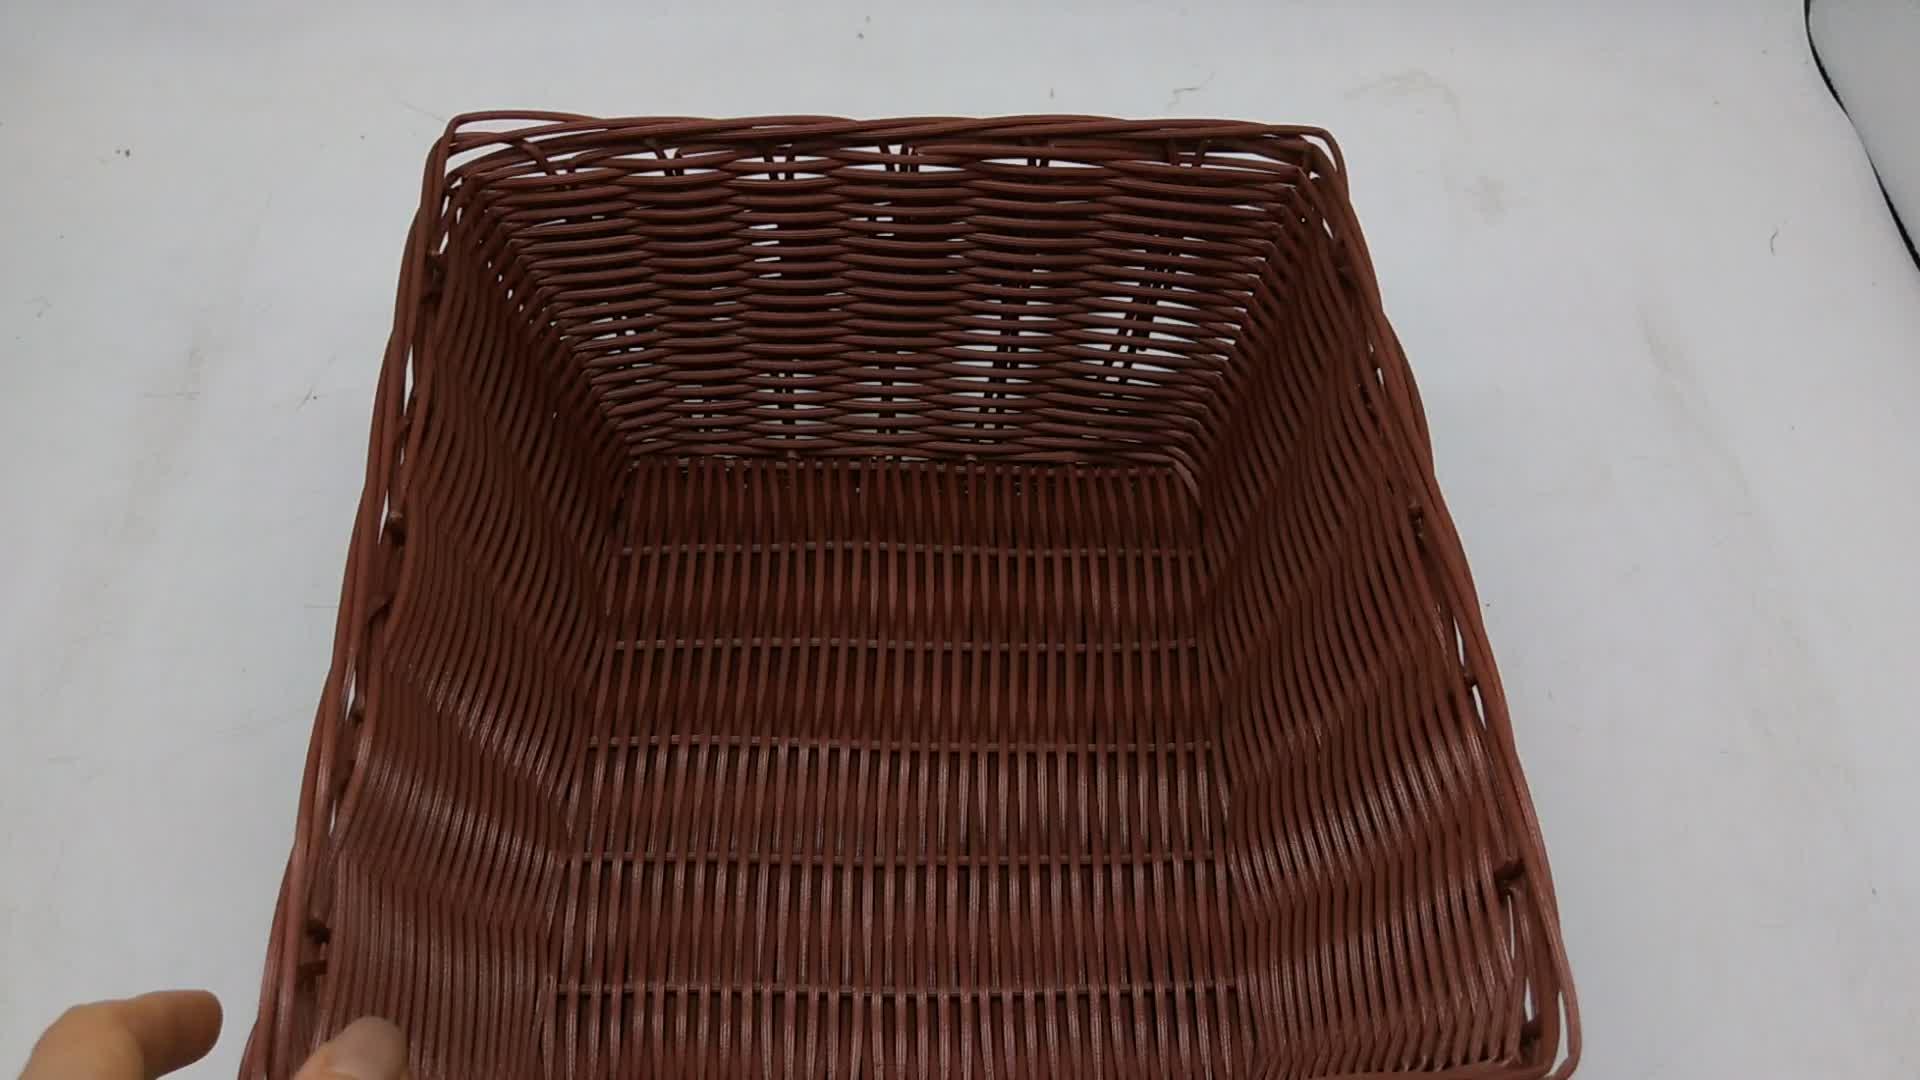 卸売洗えるポリ籐籐大ピクニック蓋